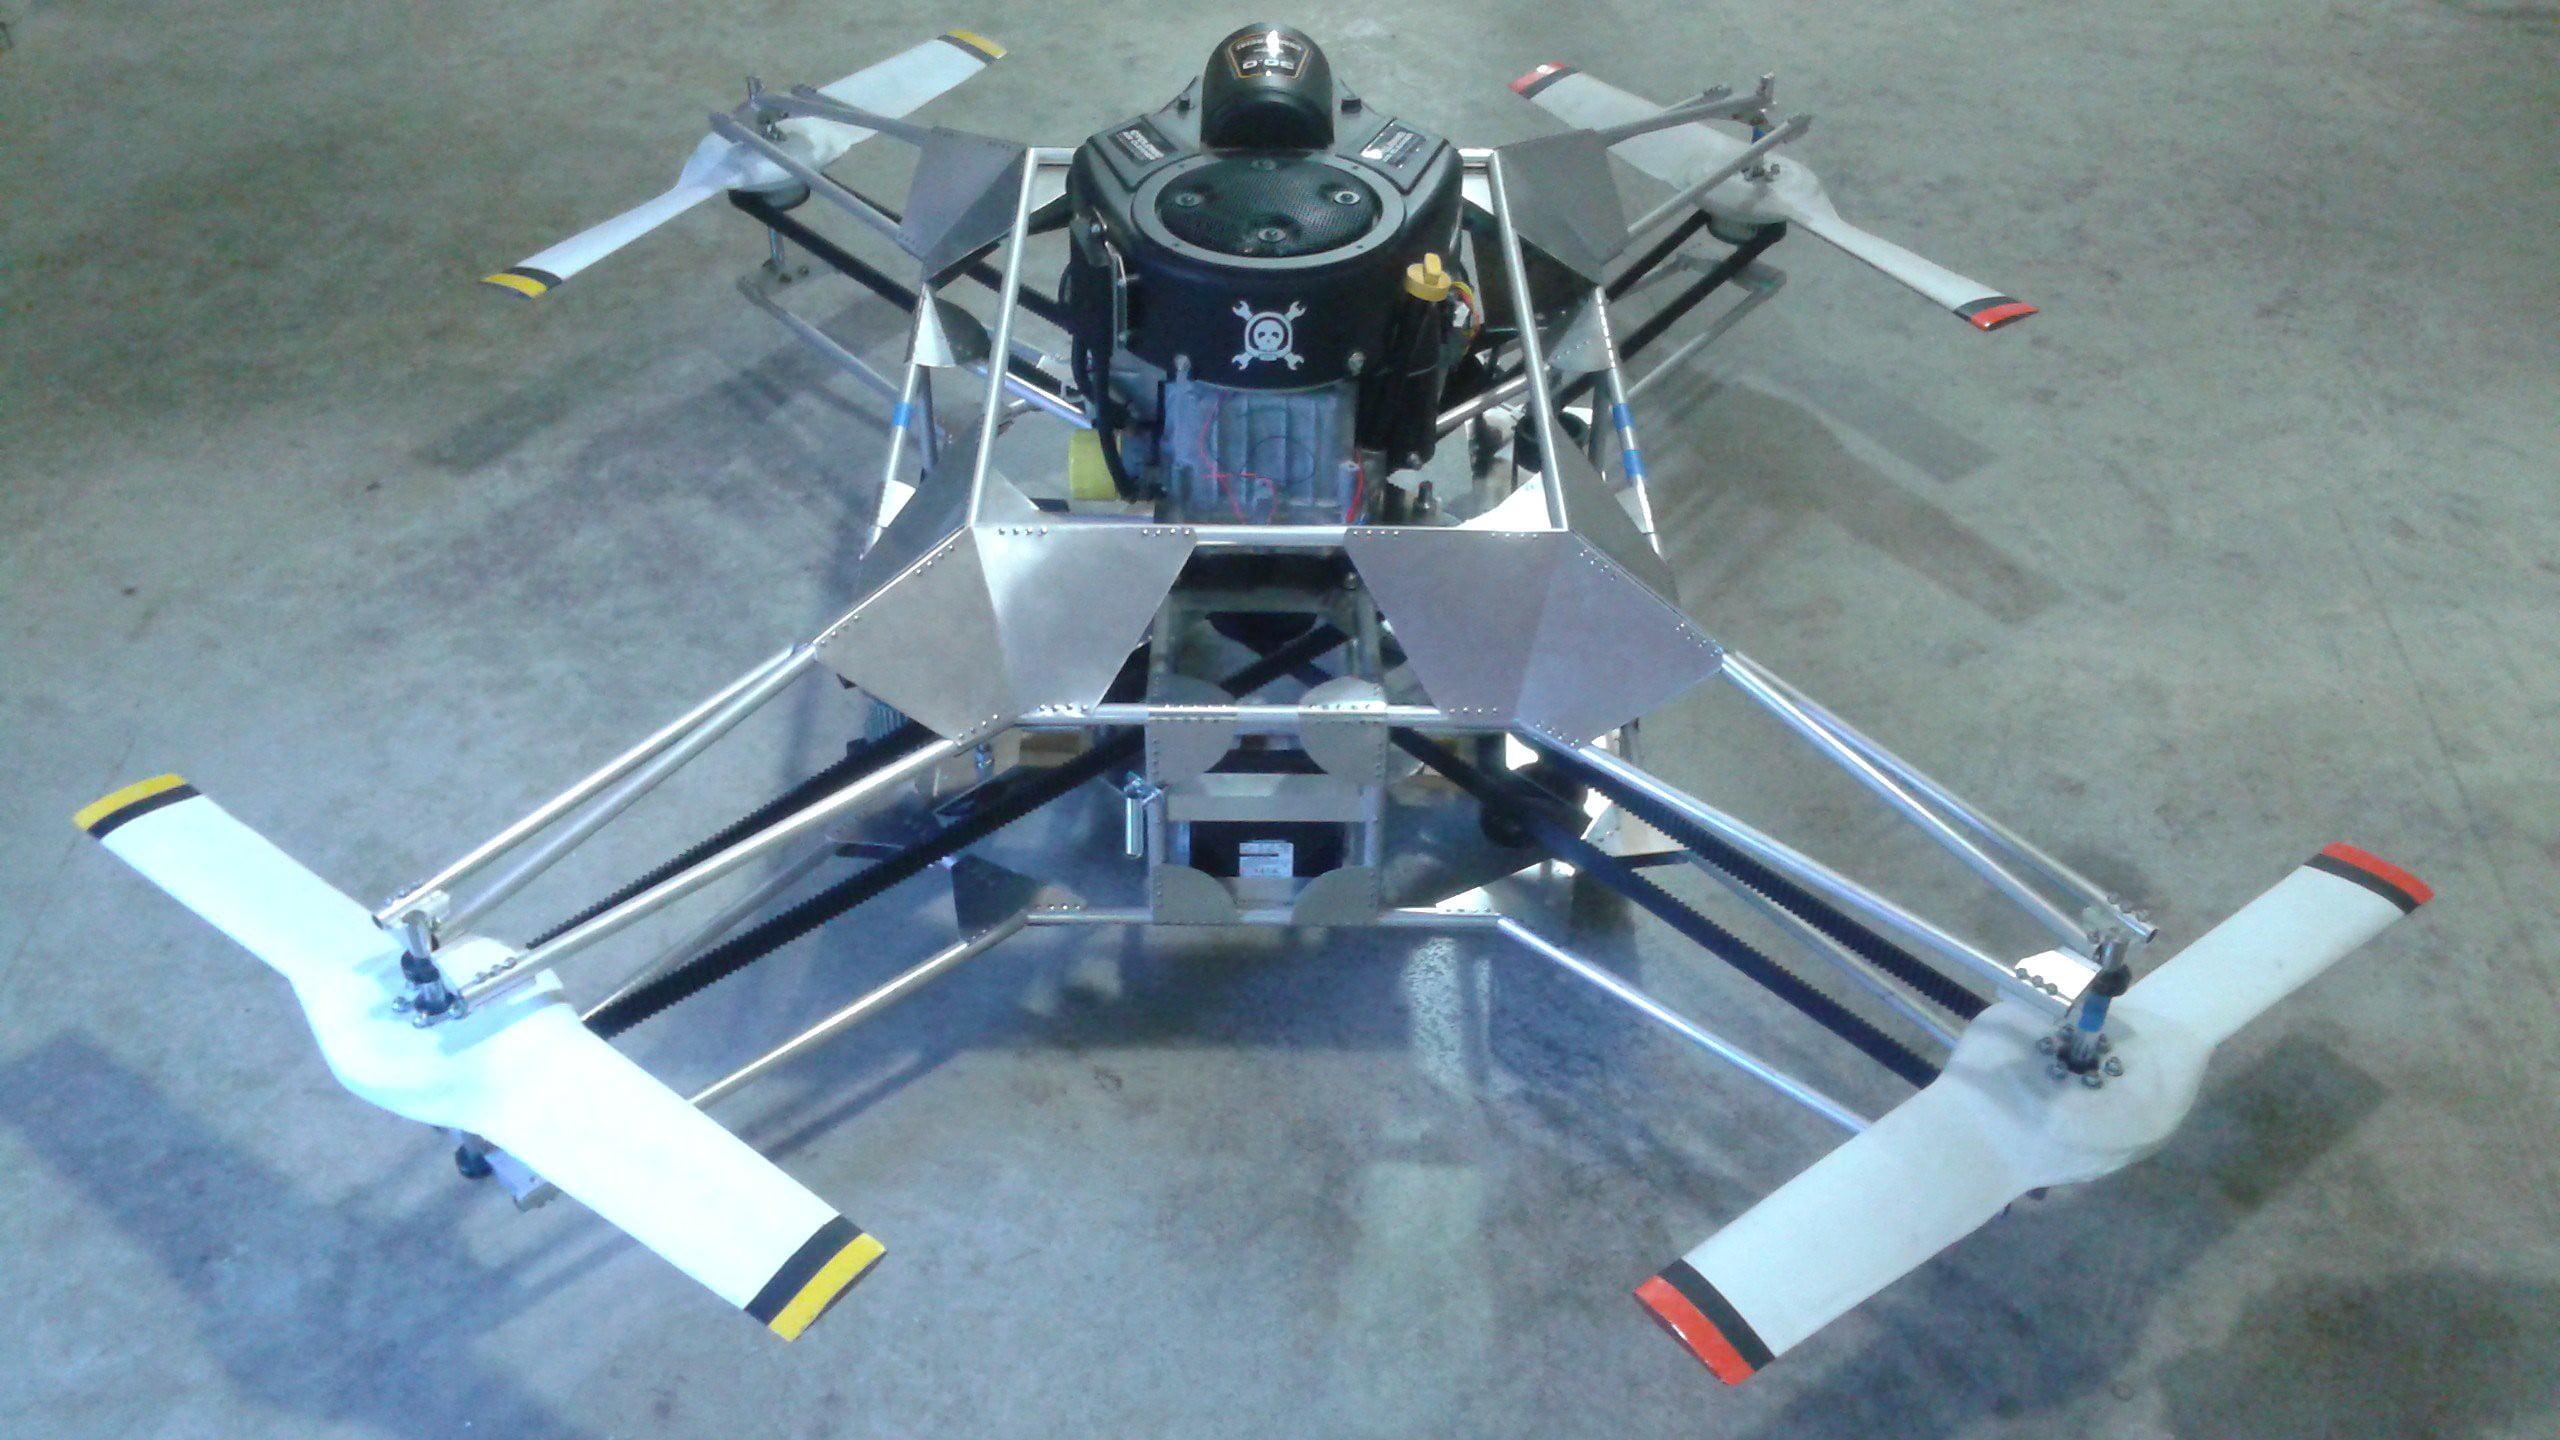 goliath gasoline quadcopter